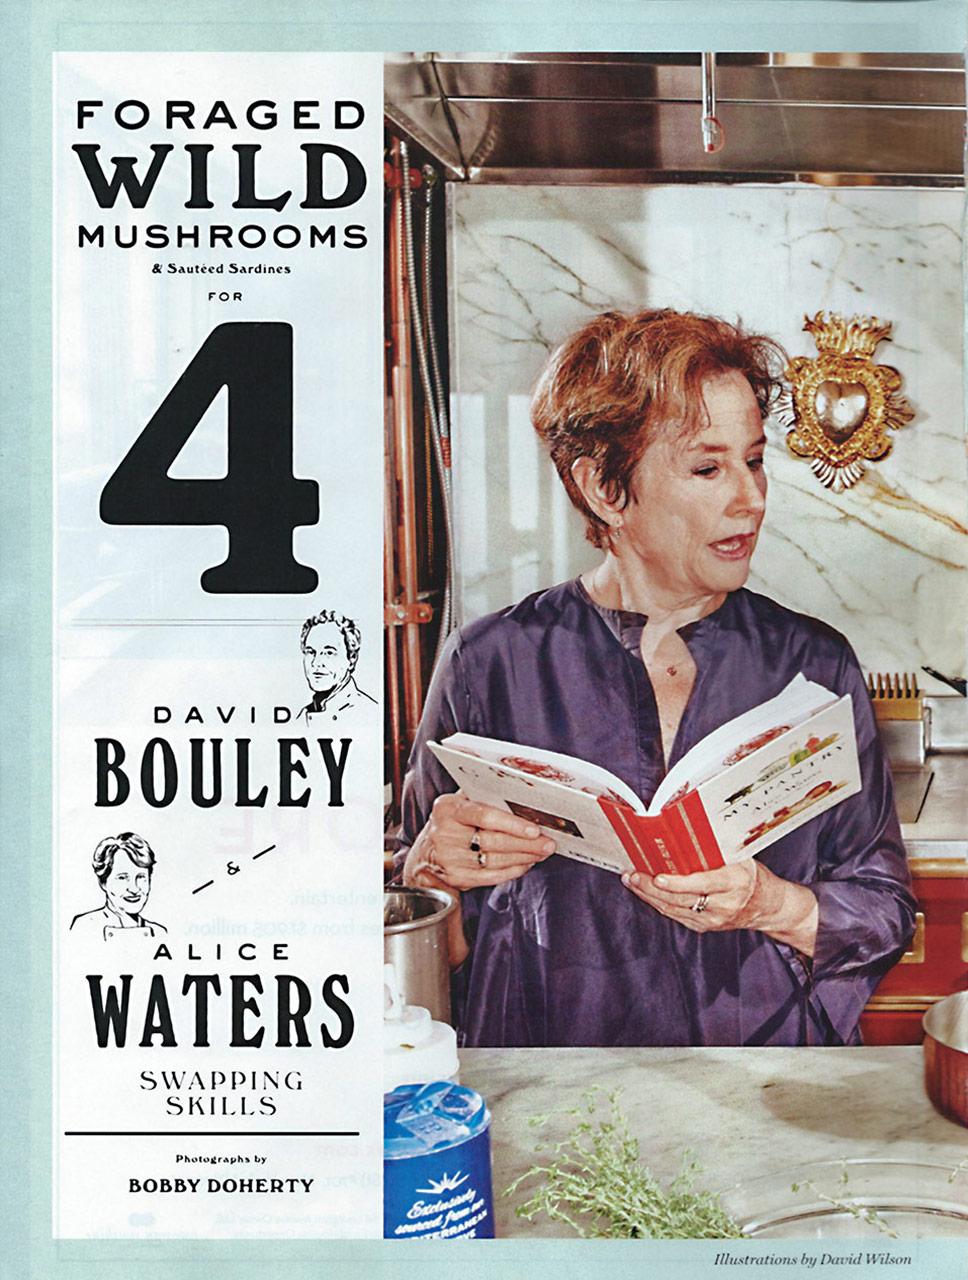 David Bouley and Alice Waters - NY Mag 2015